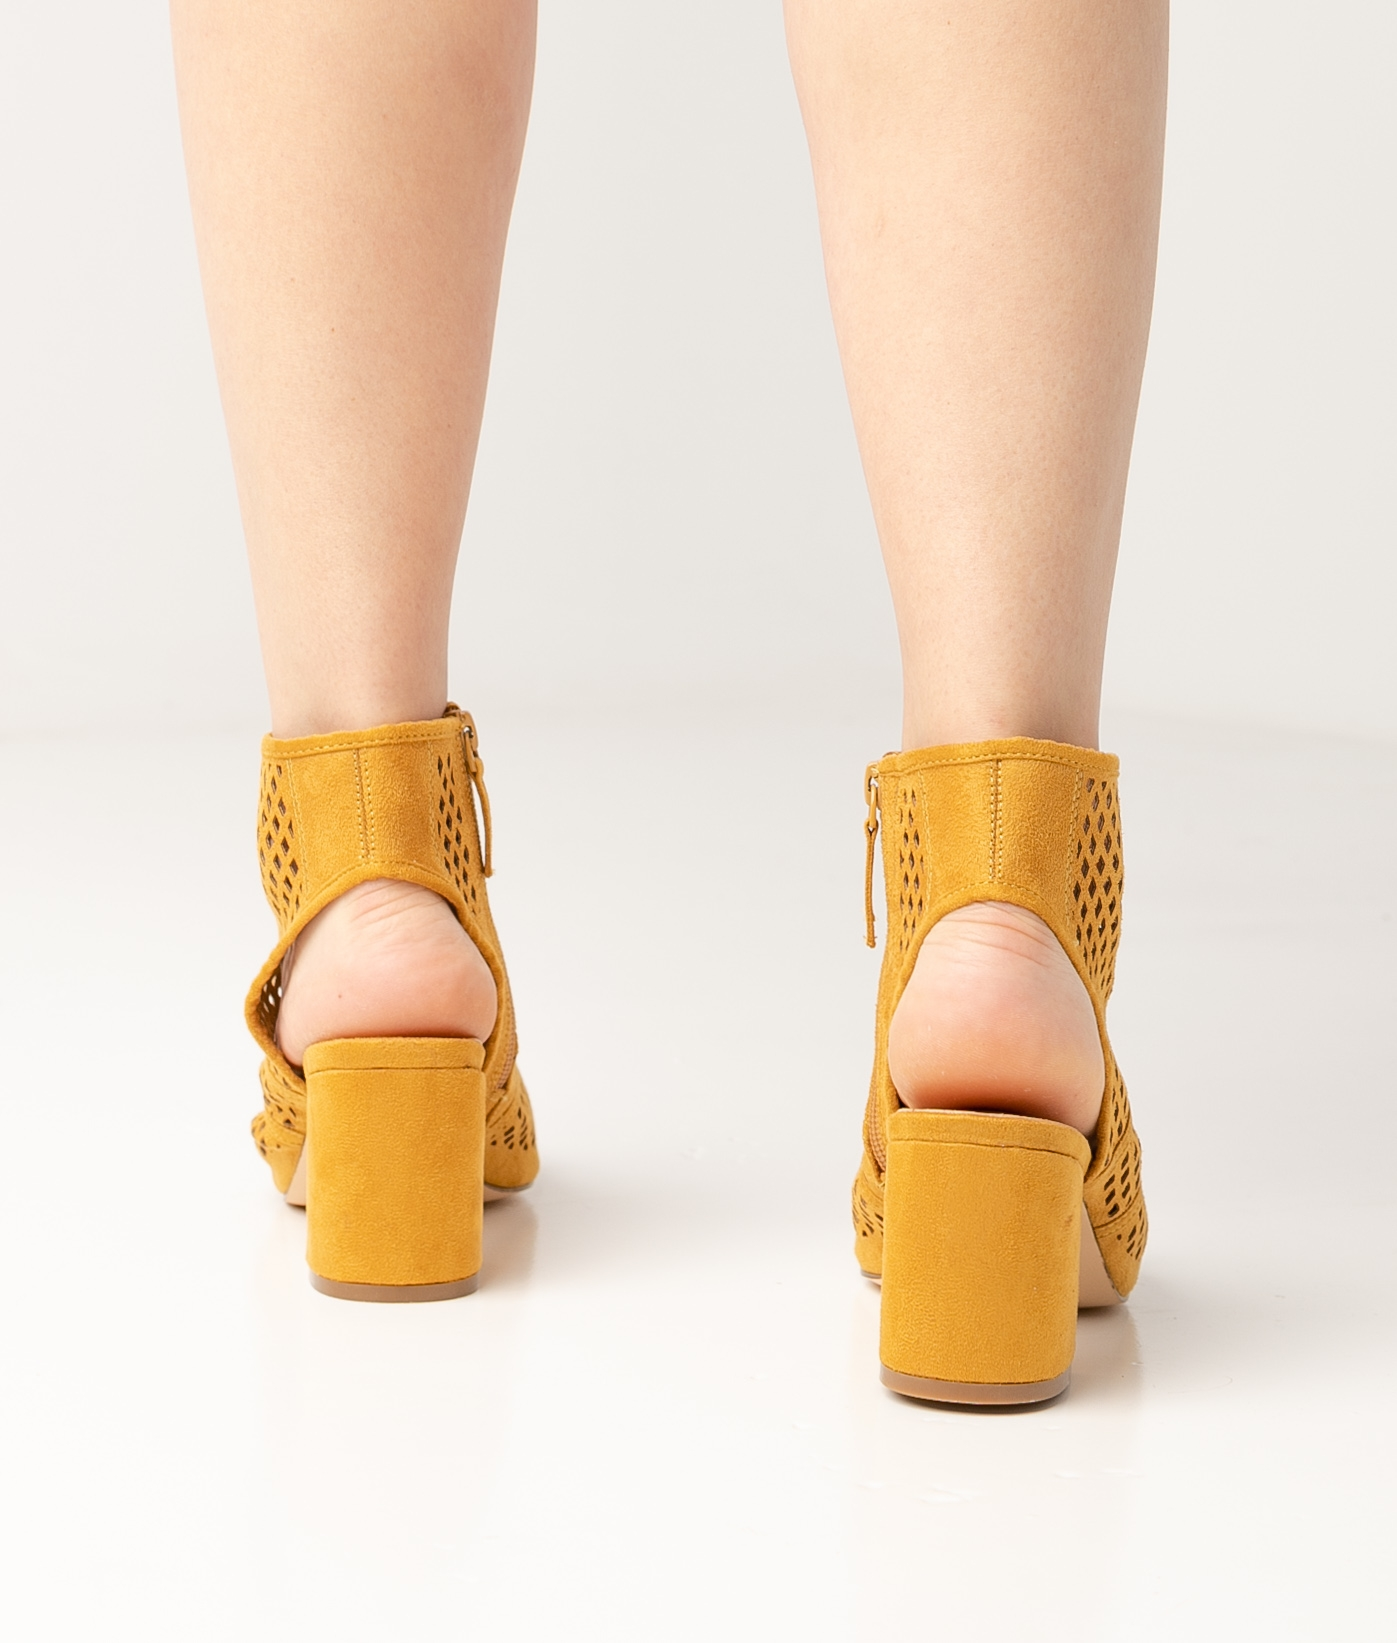 Sandale Talon Galati - Jaune